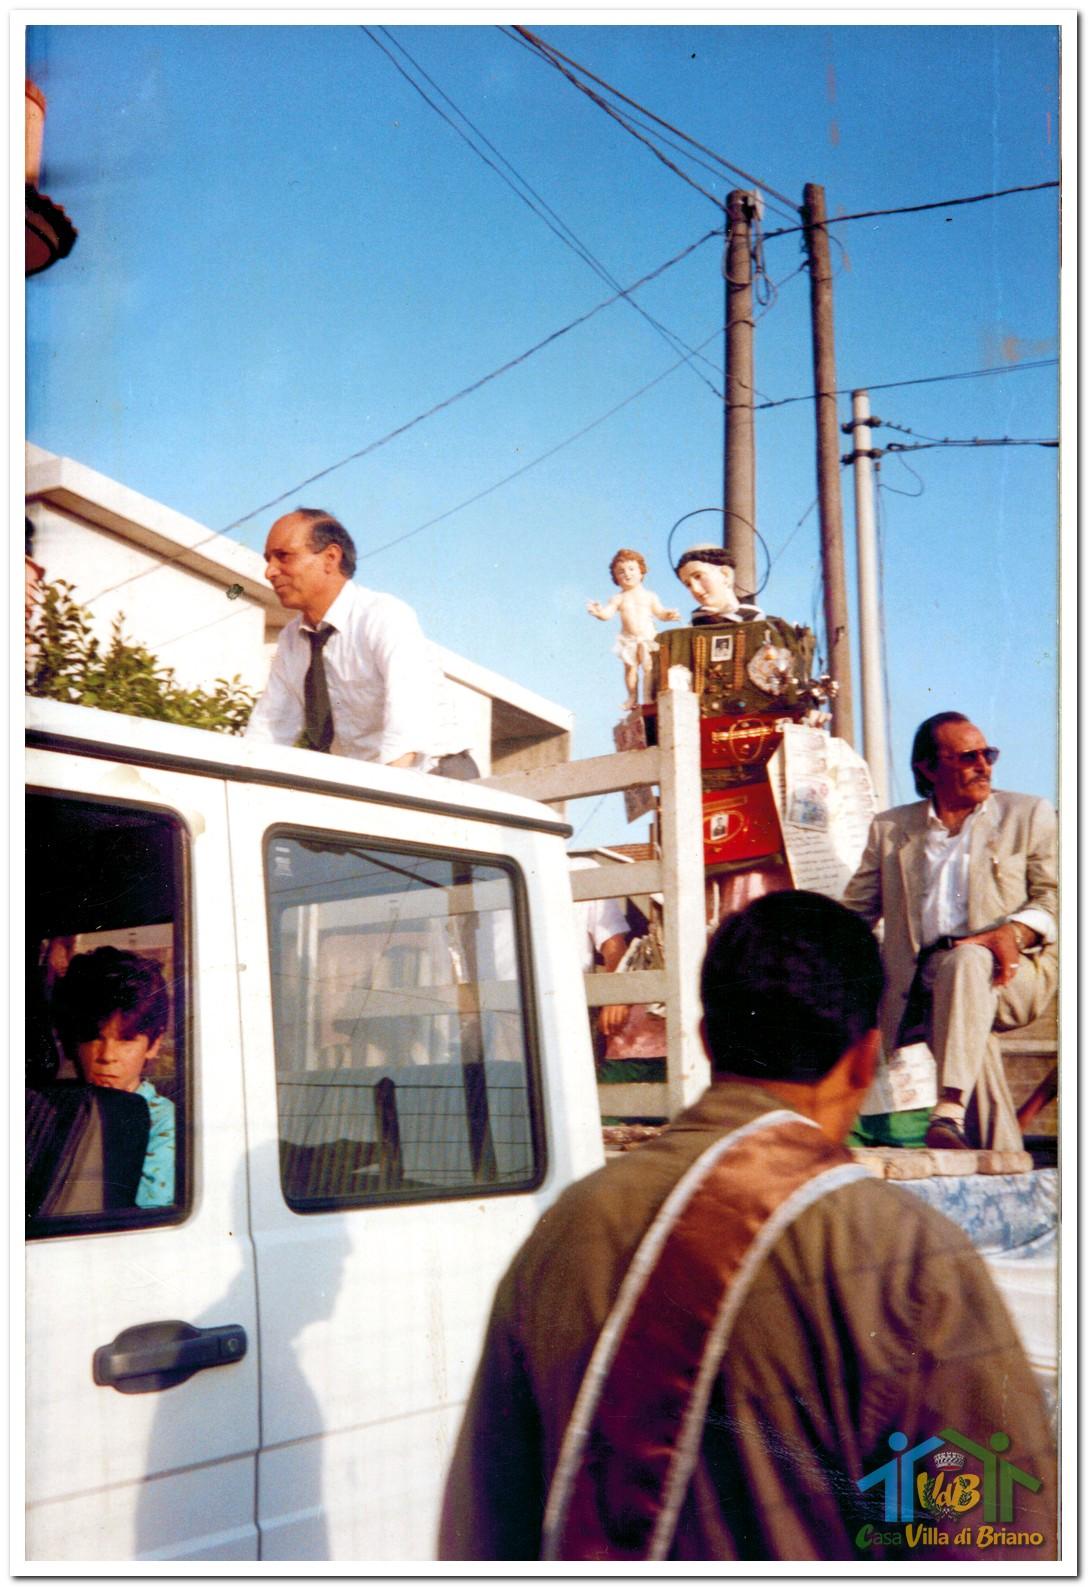 Sant'Antonio_Festa_Villa_di_briano_1989_2